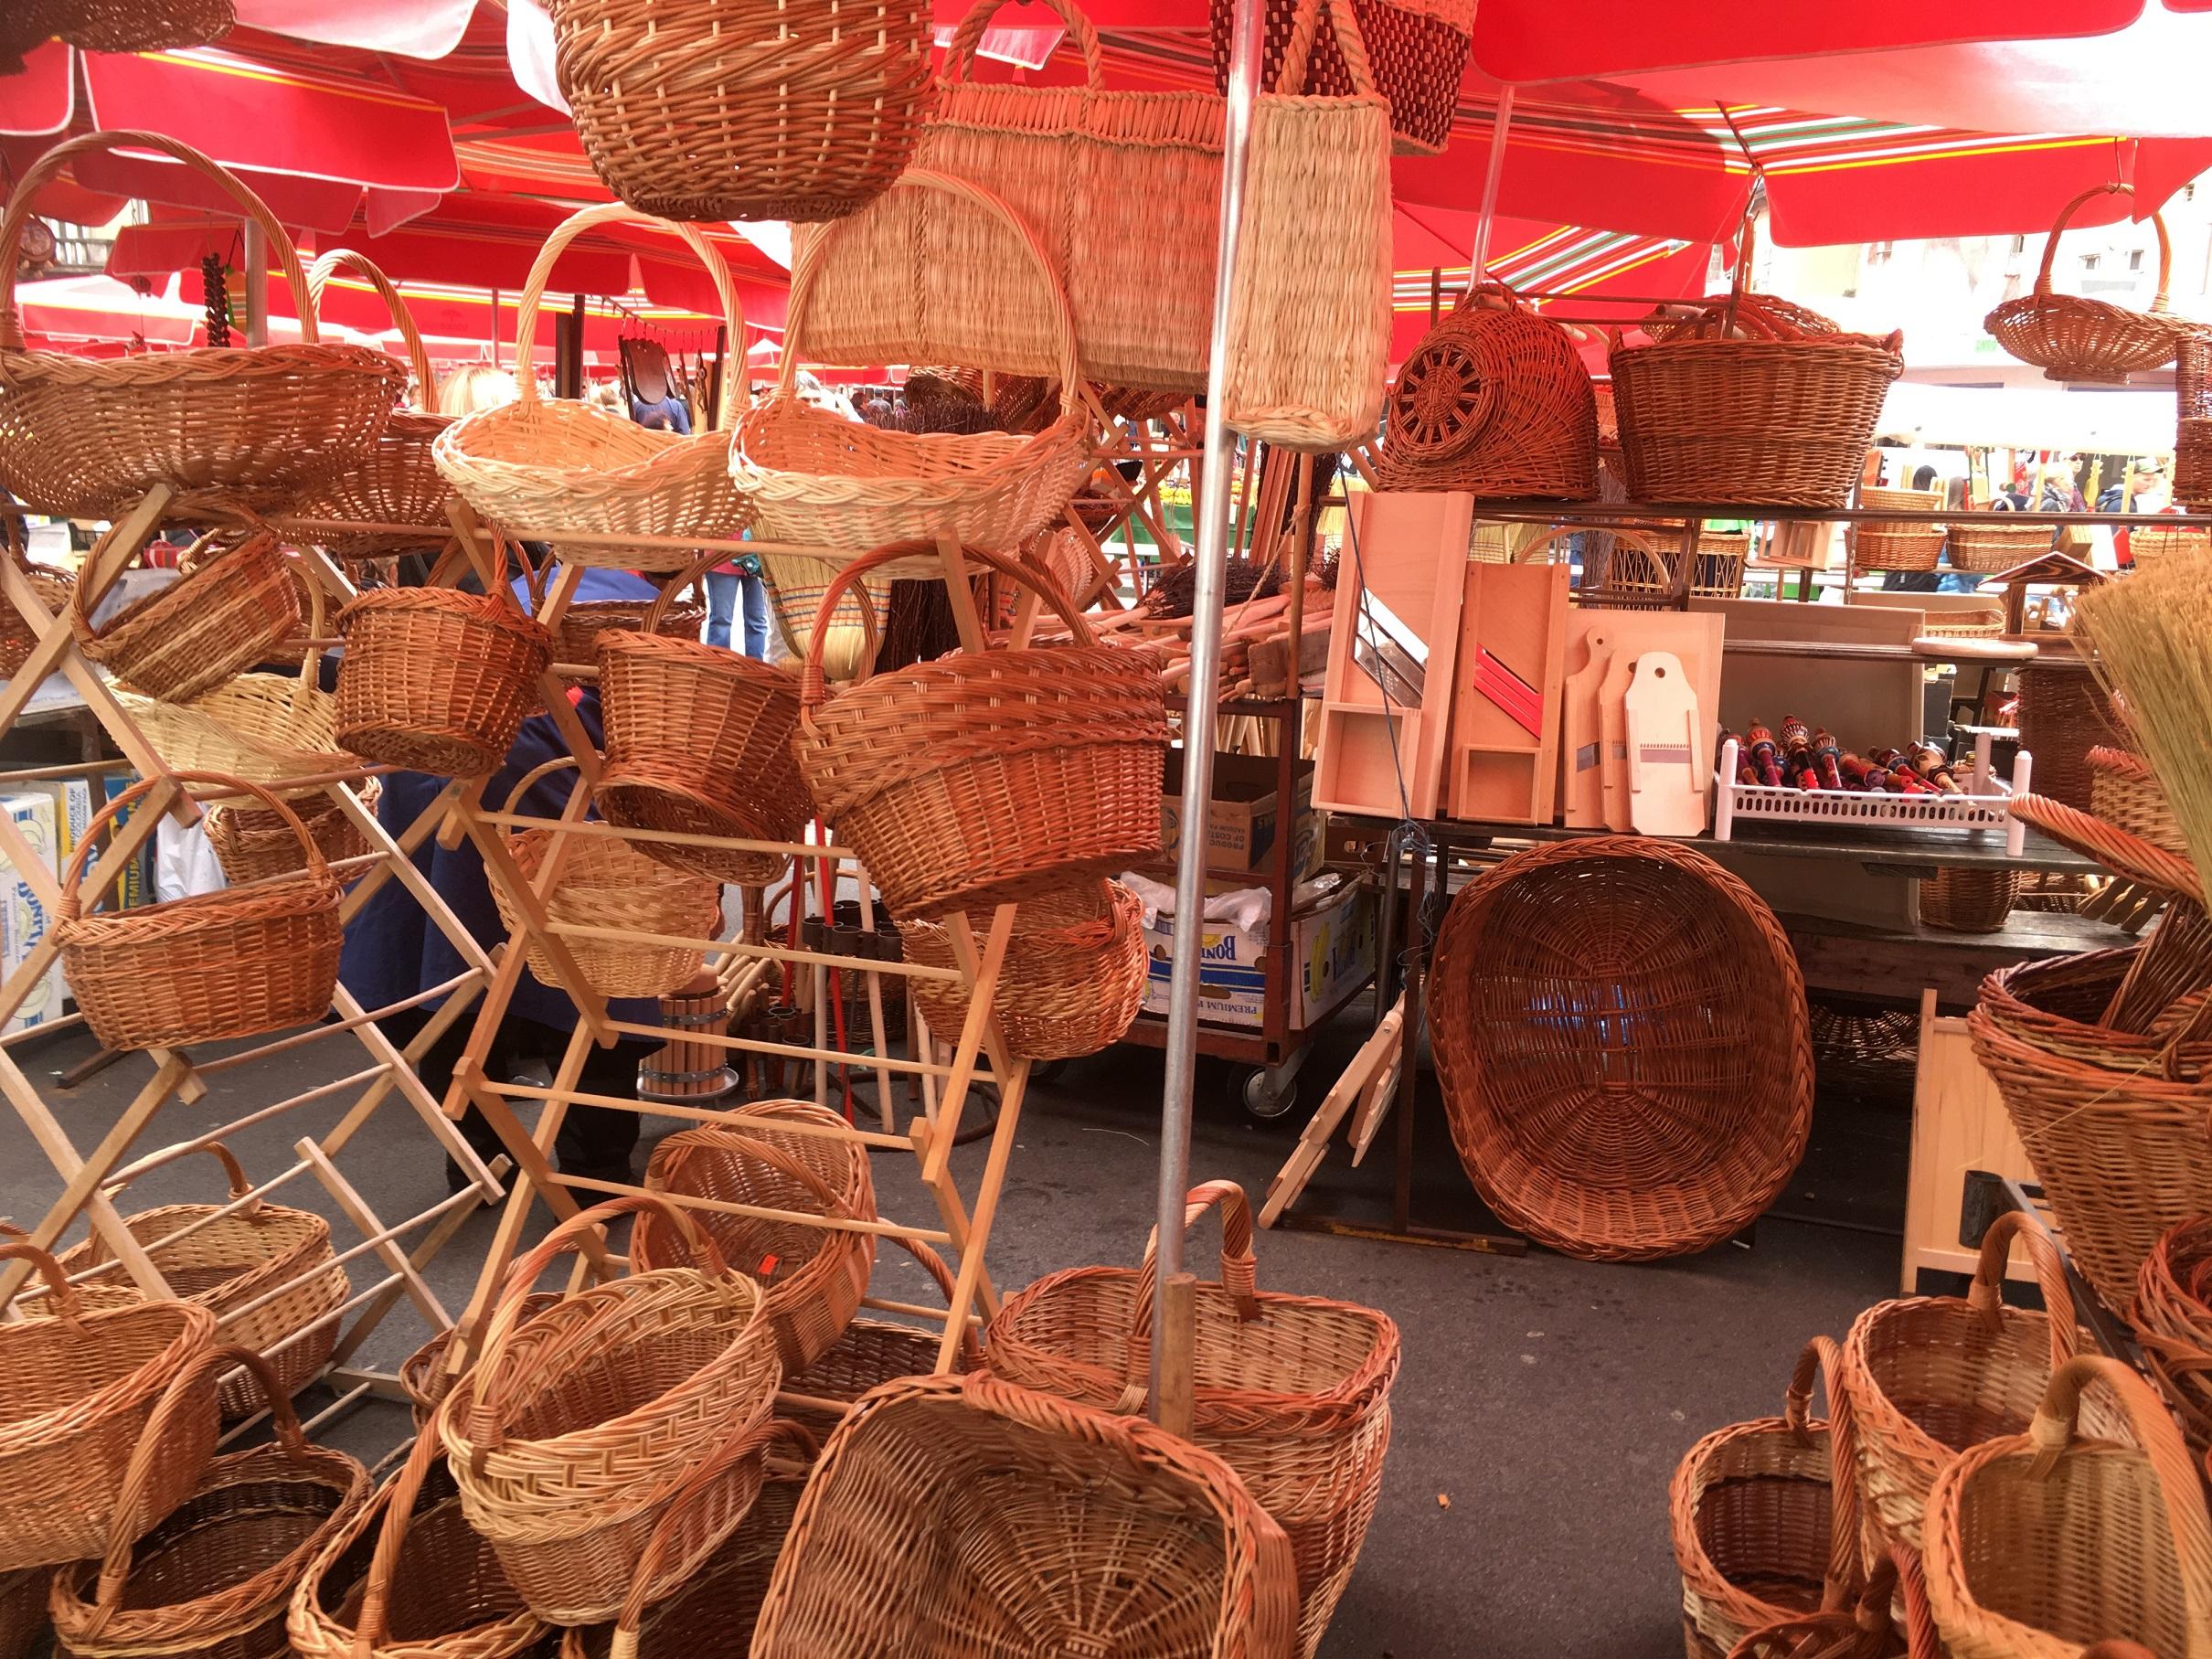 zagreb market basket